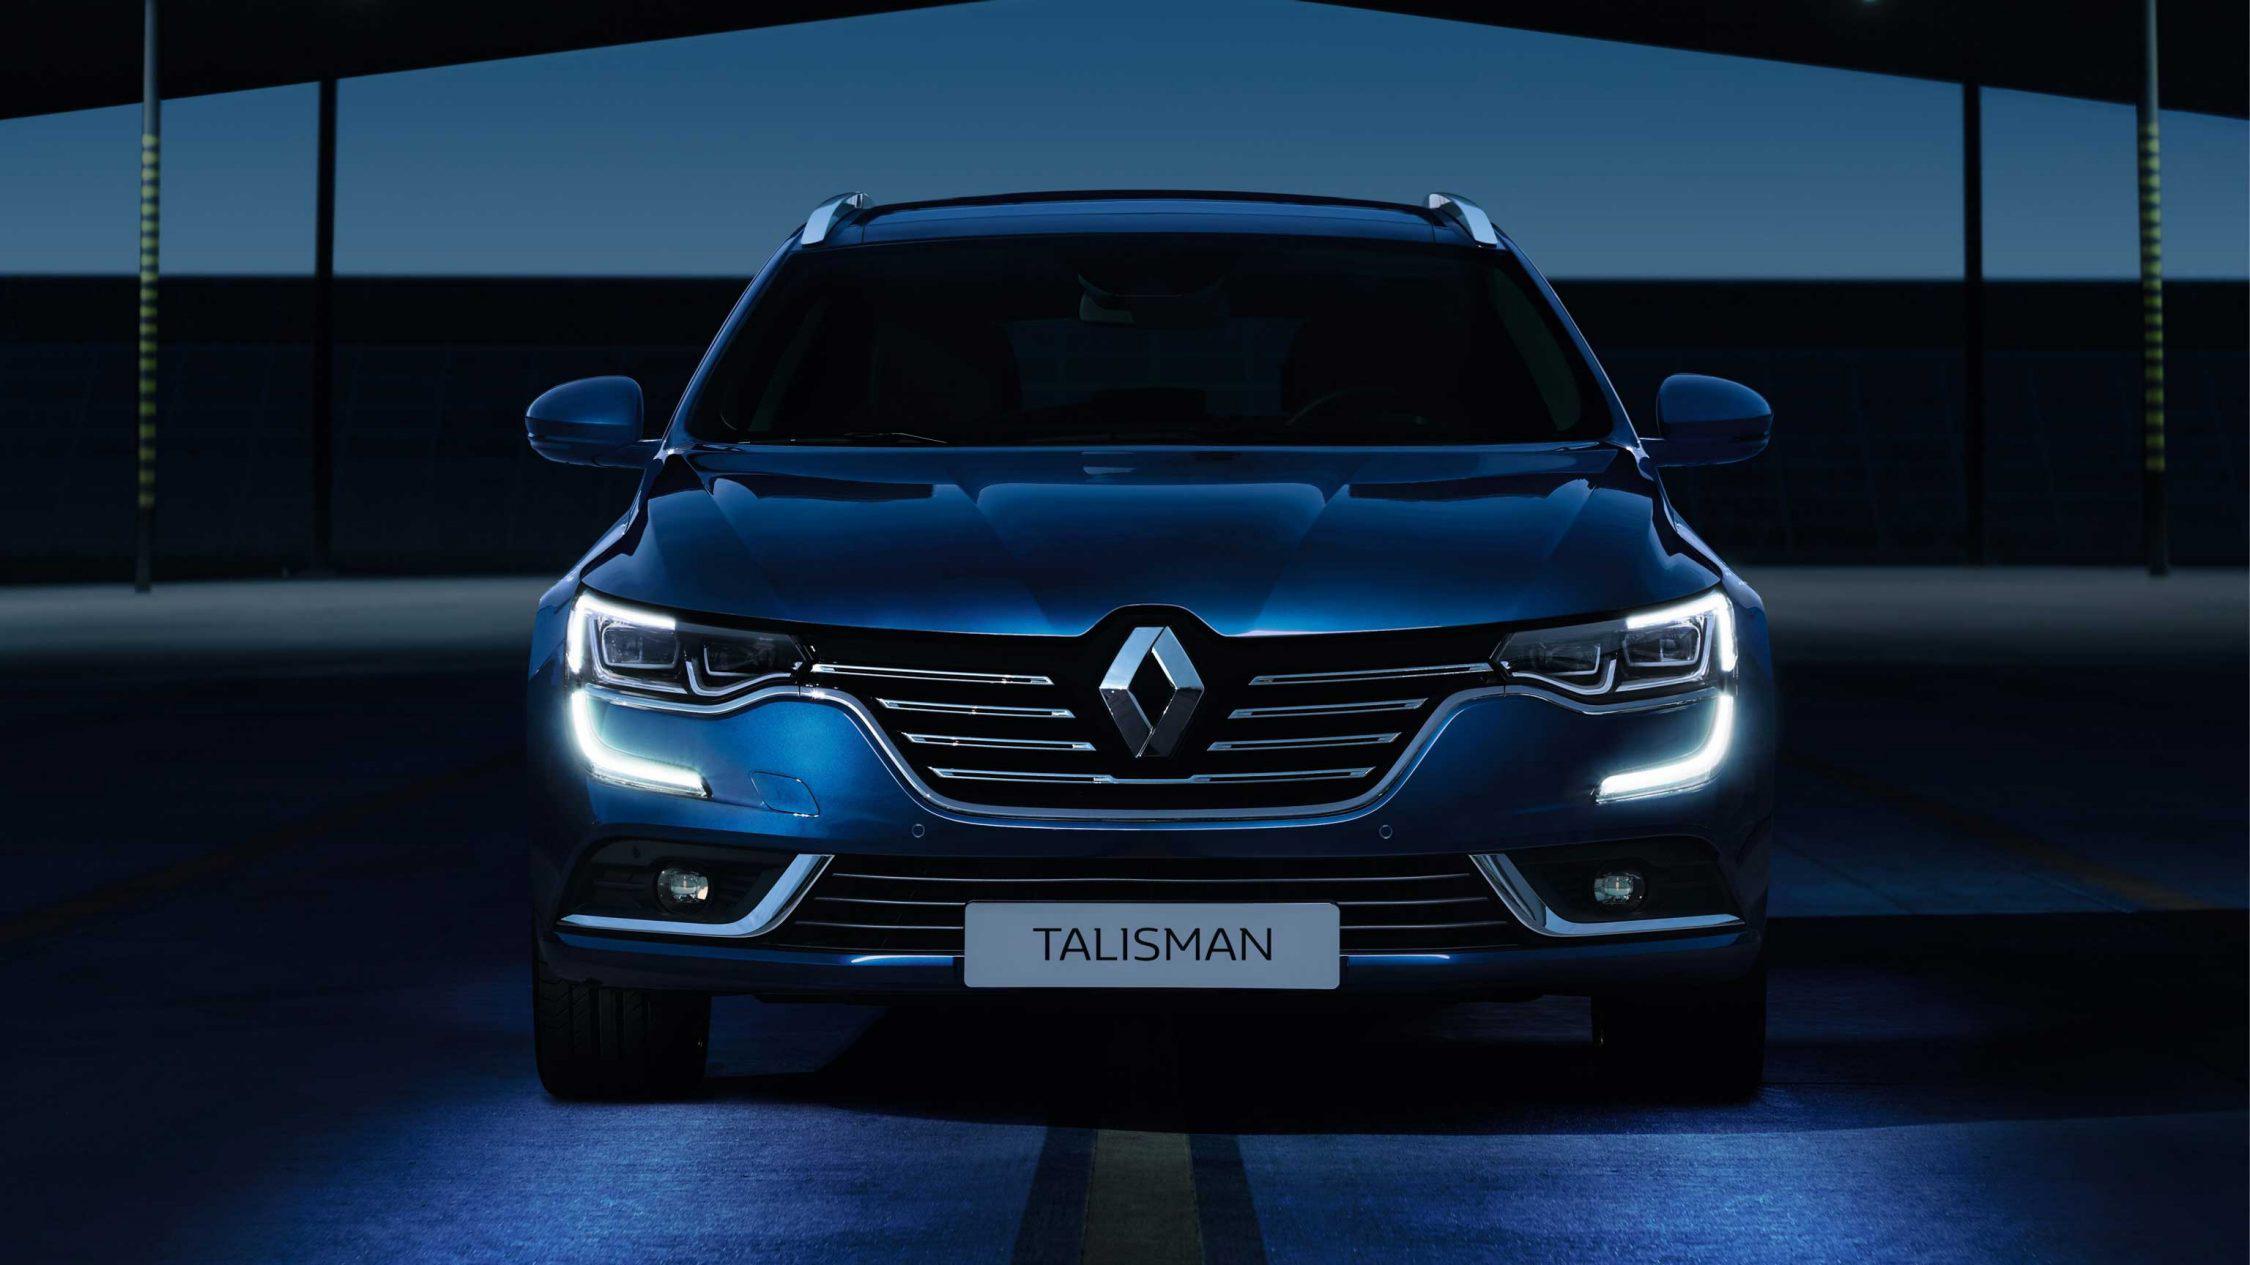 Renault Talisman Sport Tourer Stasjonsvogn Blå i mørkt rom med frontlys på